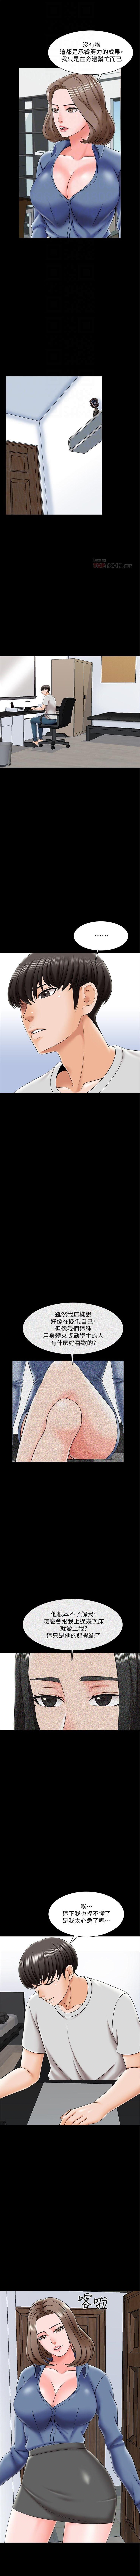 家教老師 1-42 官方中文(連載中) 155